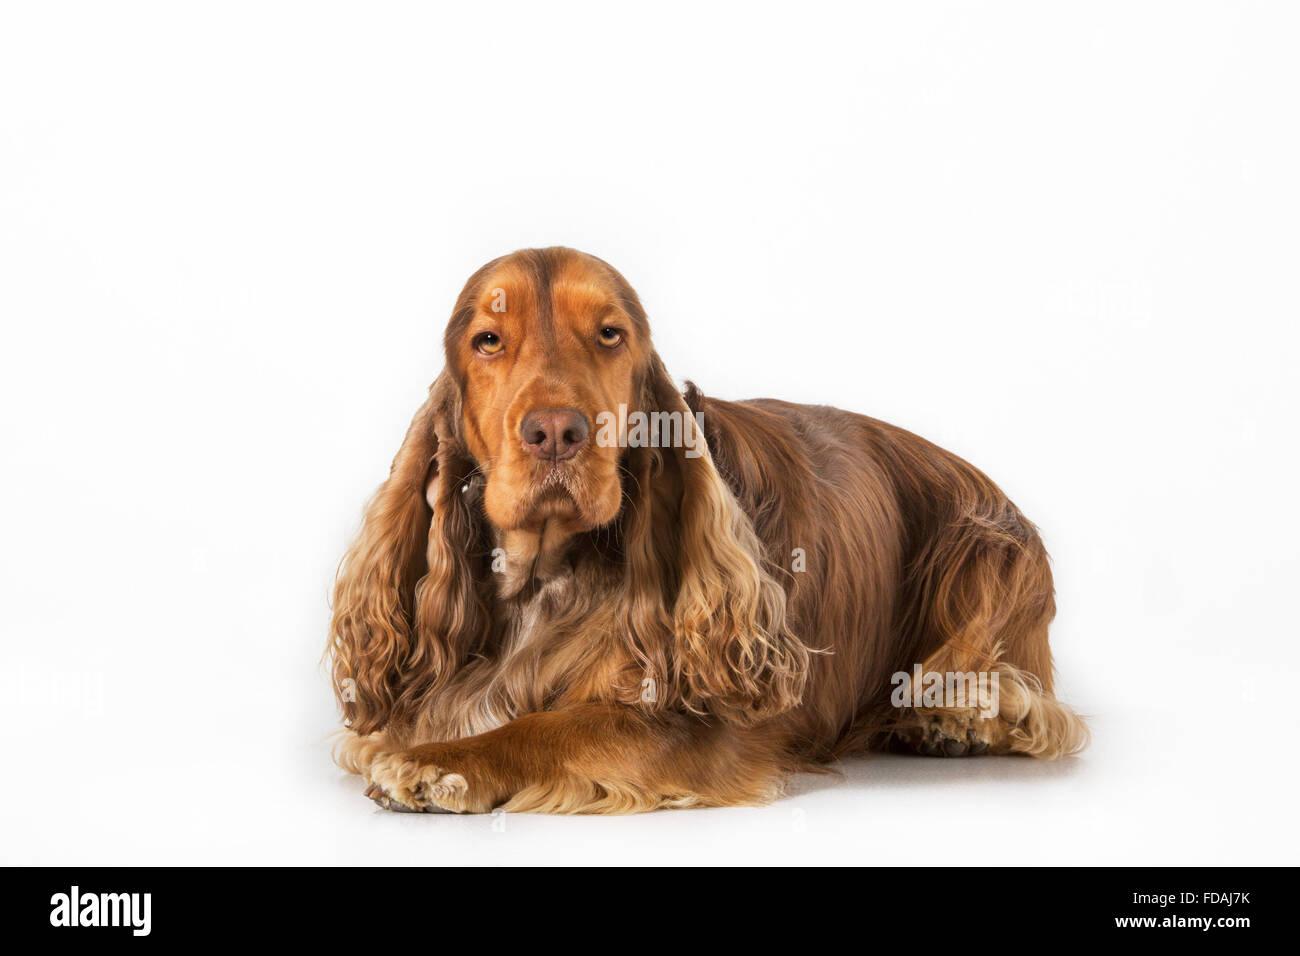 Cocker Spaniel Inglés perro (Canis lupus familiaris) retrato contra el fondo blanco. Imagen De Stock